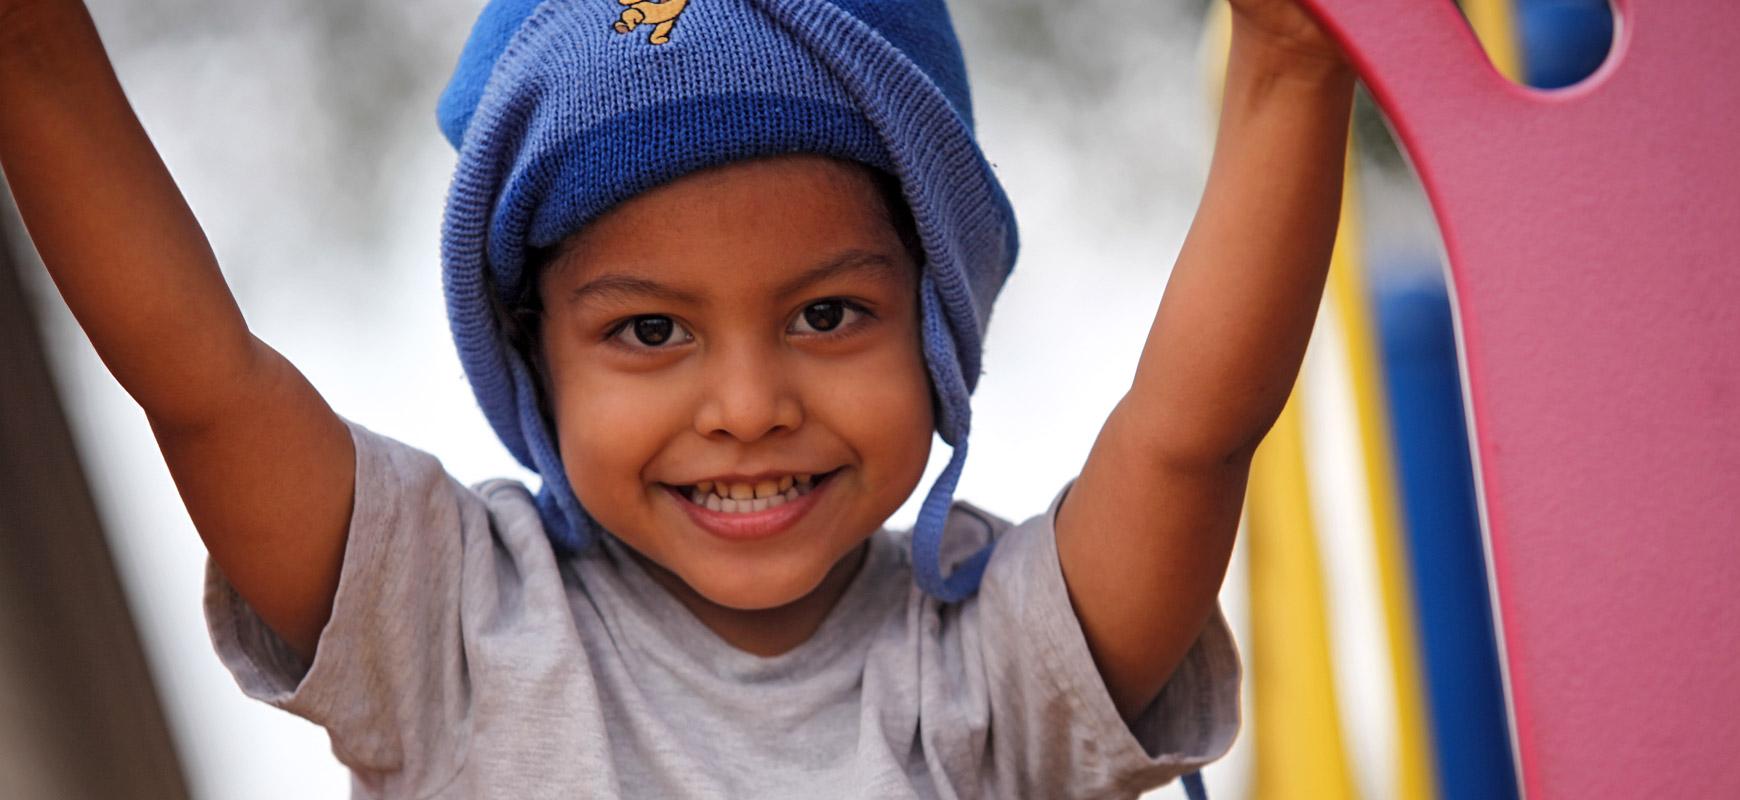 smiling-boy-isaiah